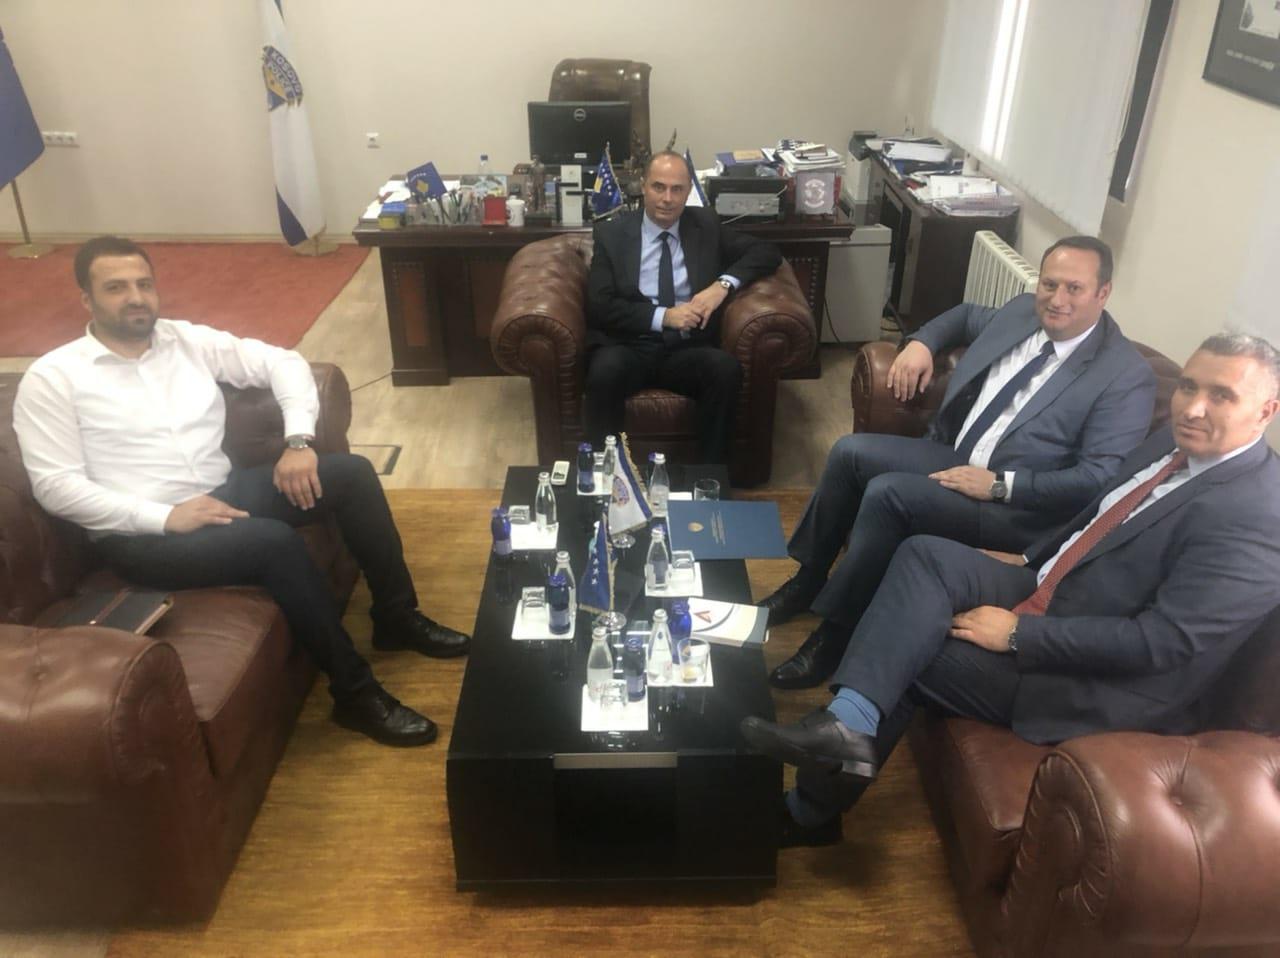 Kryesuesi  i KGjK-së, Albert Zogaj  vizitoi Drejtorin e  Përgjithshëm të Policisë së Kosovës, z.Samedin Mehmeti